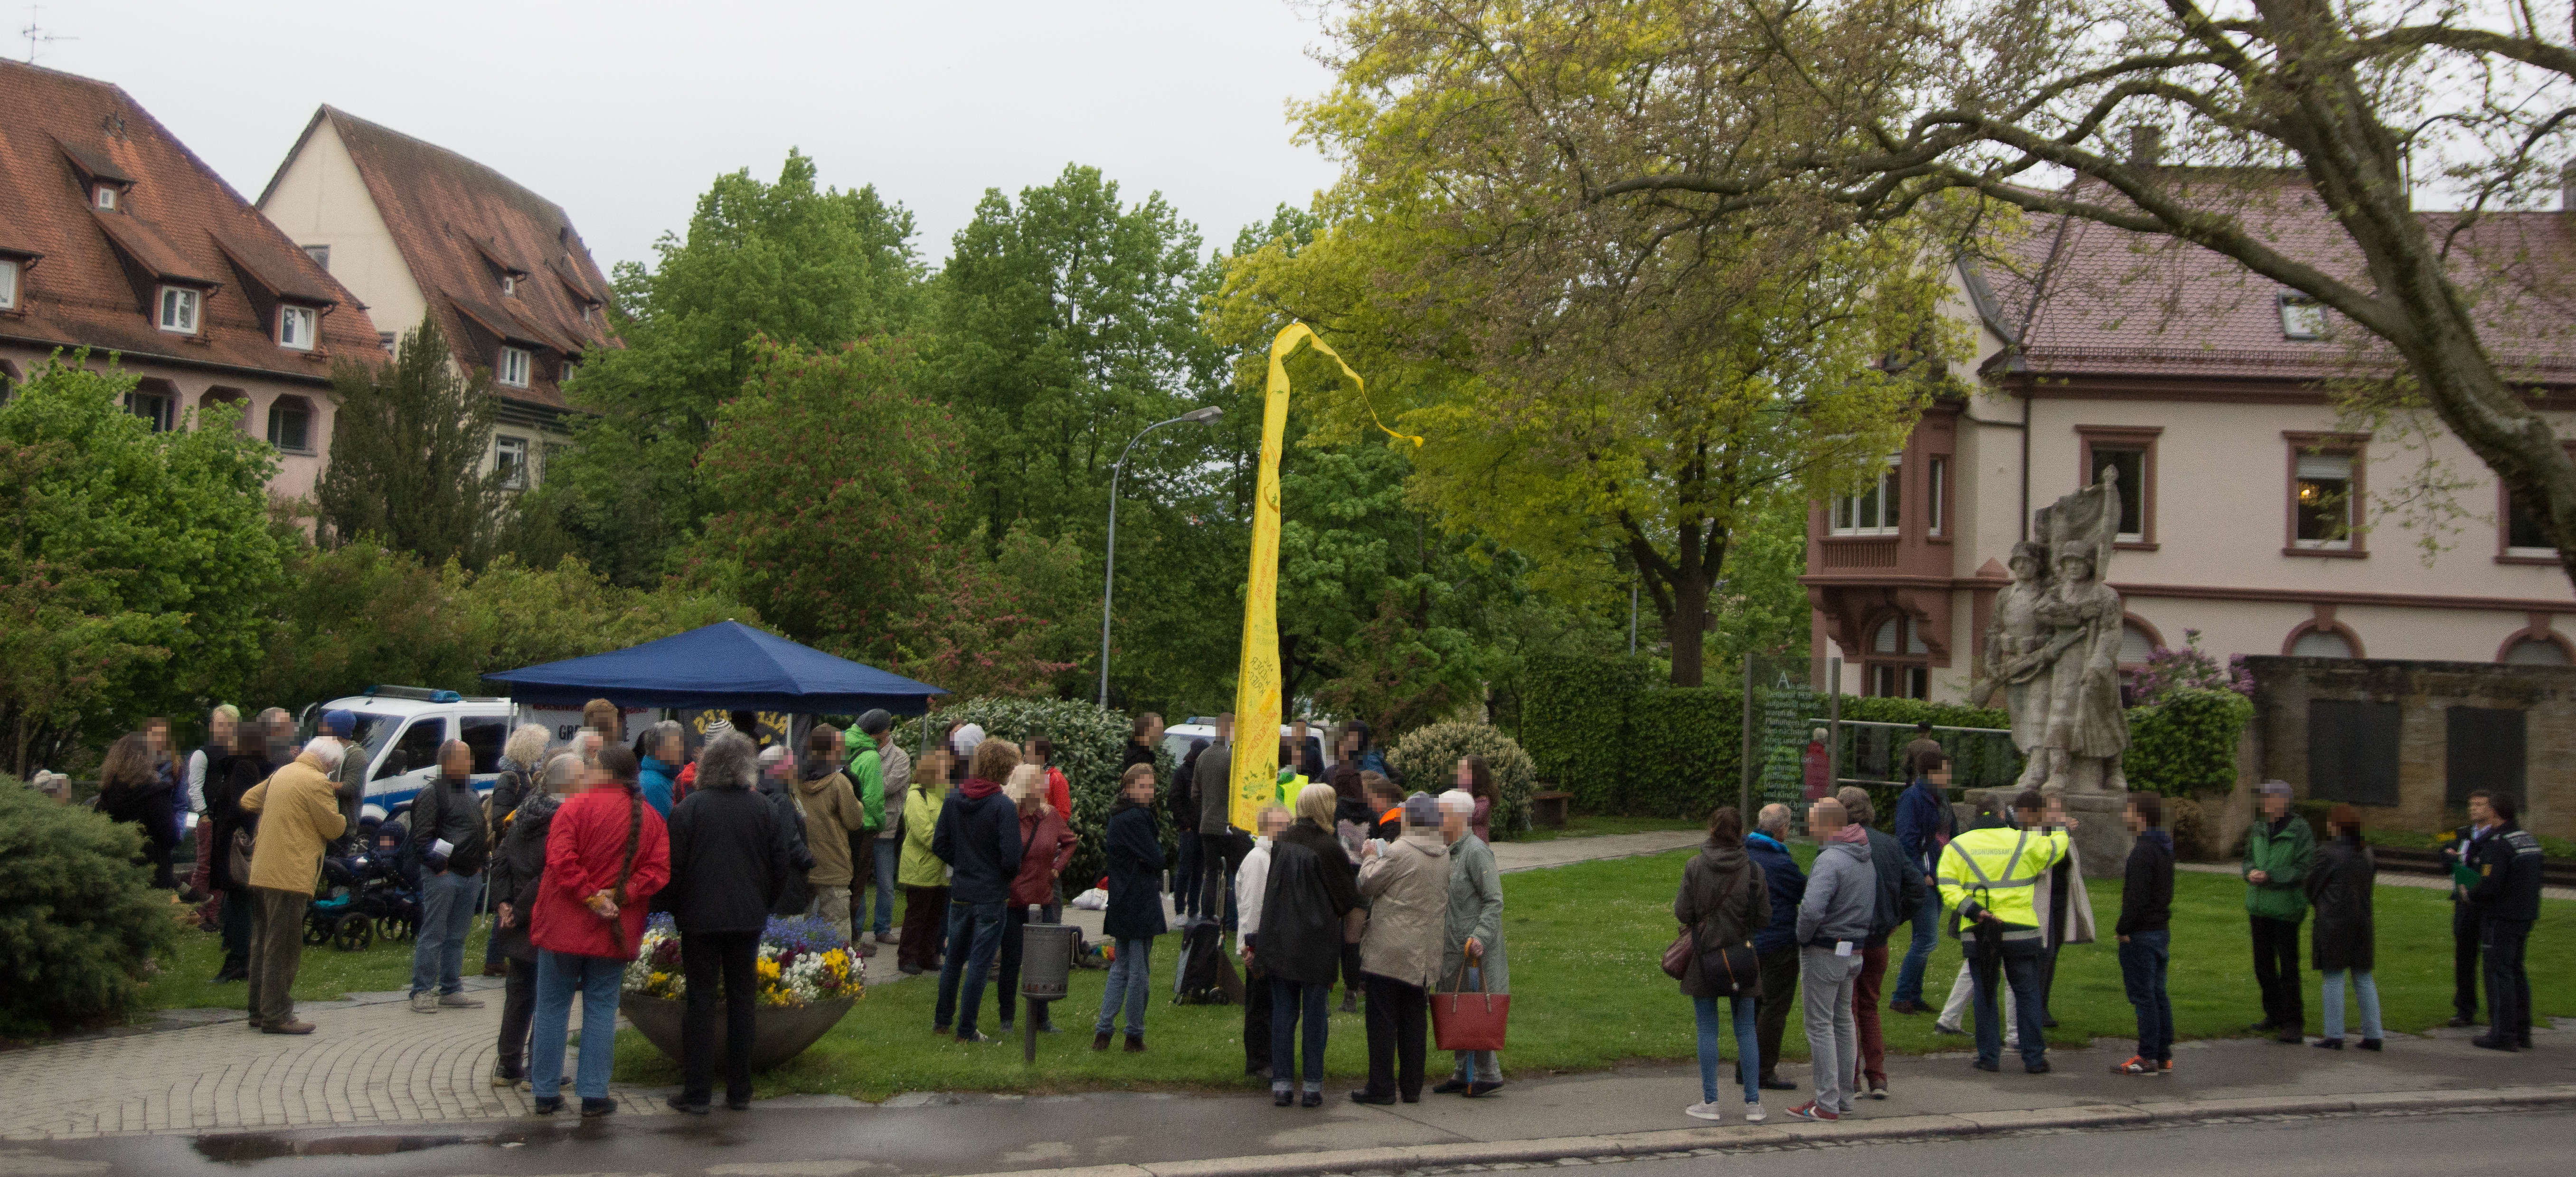 Kundgebung auf dem Luisenplatz vor dem Kriegerdenkmal